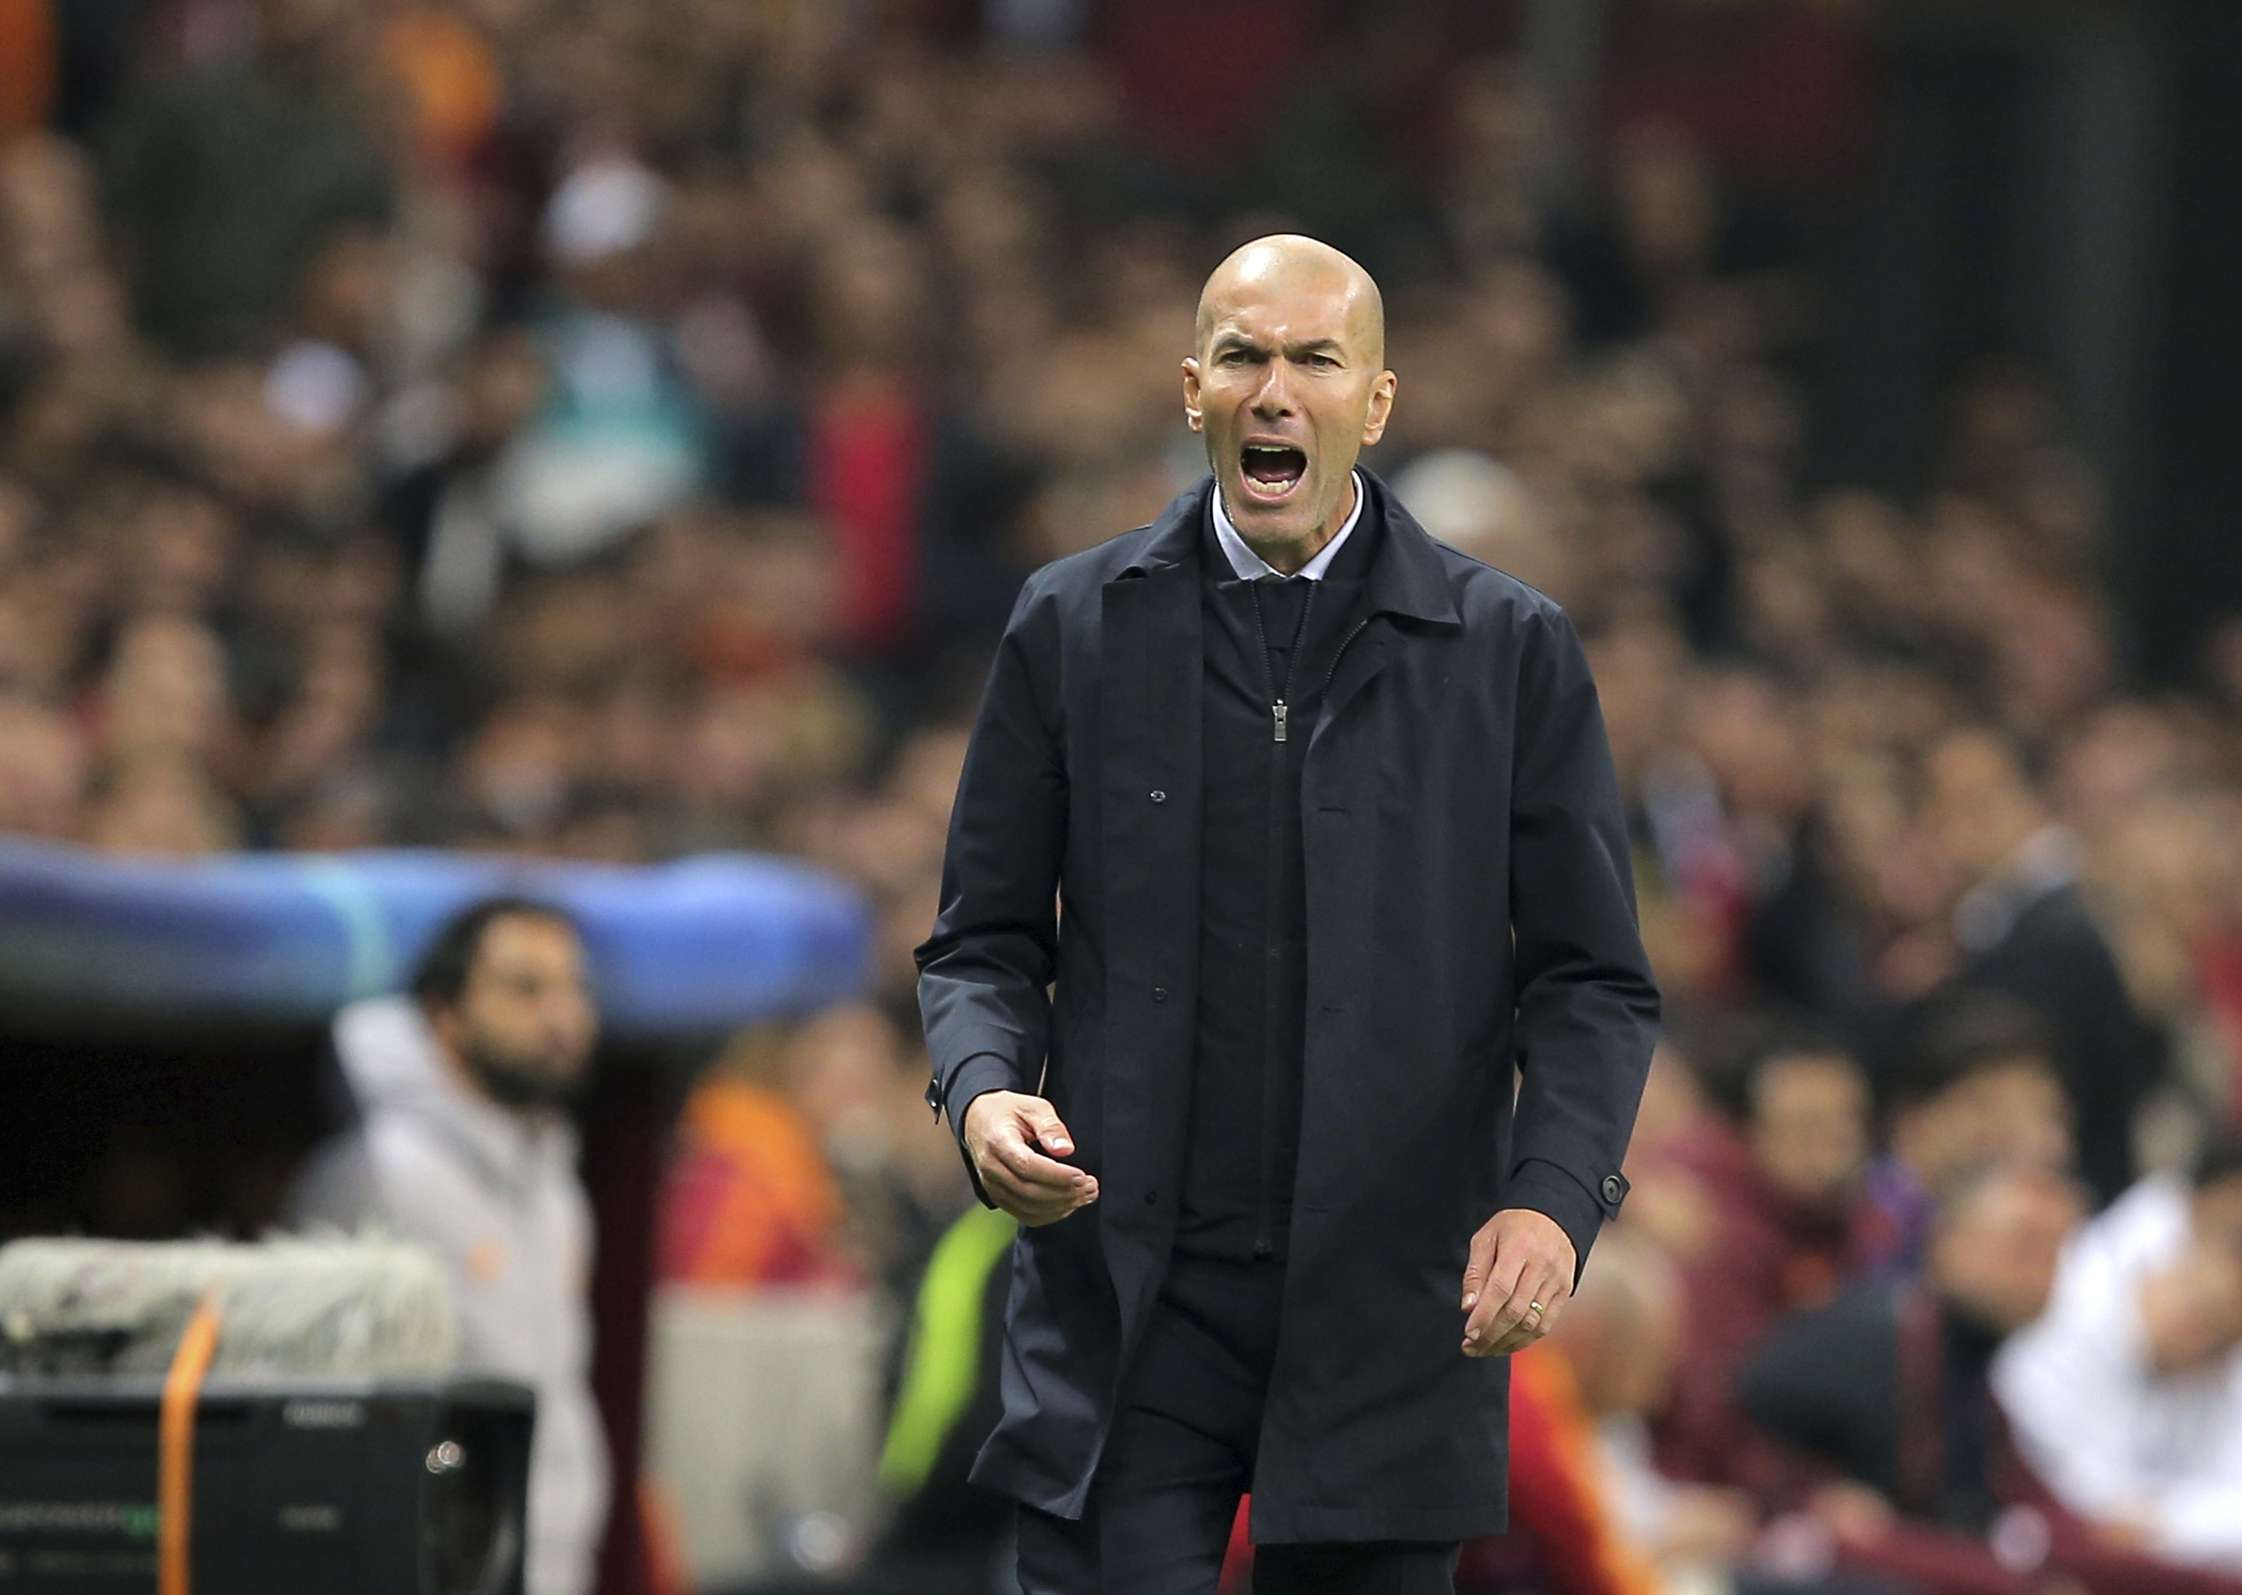 El Clásico le llegará al equipo de Zidane en una semana exigente por rivales. Foto: AP